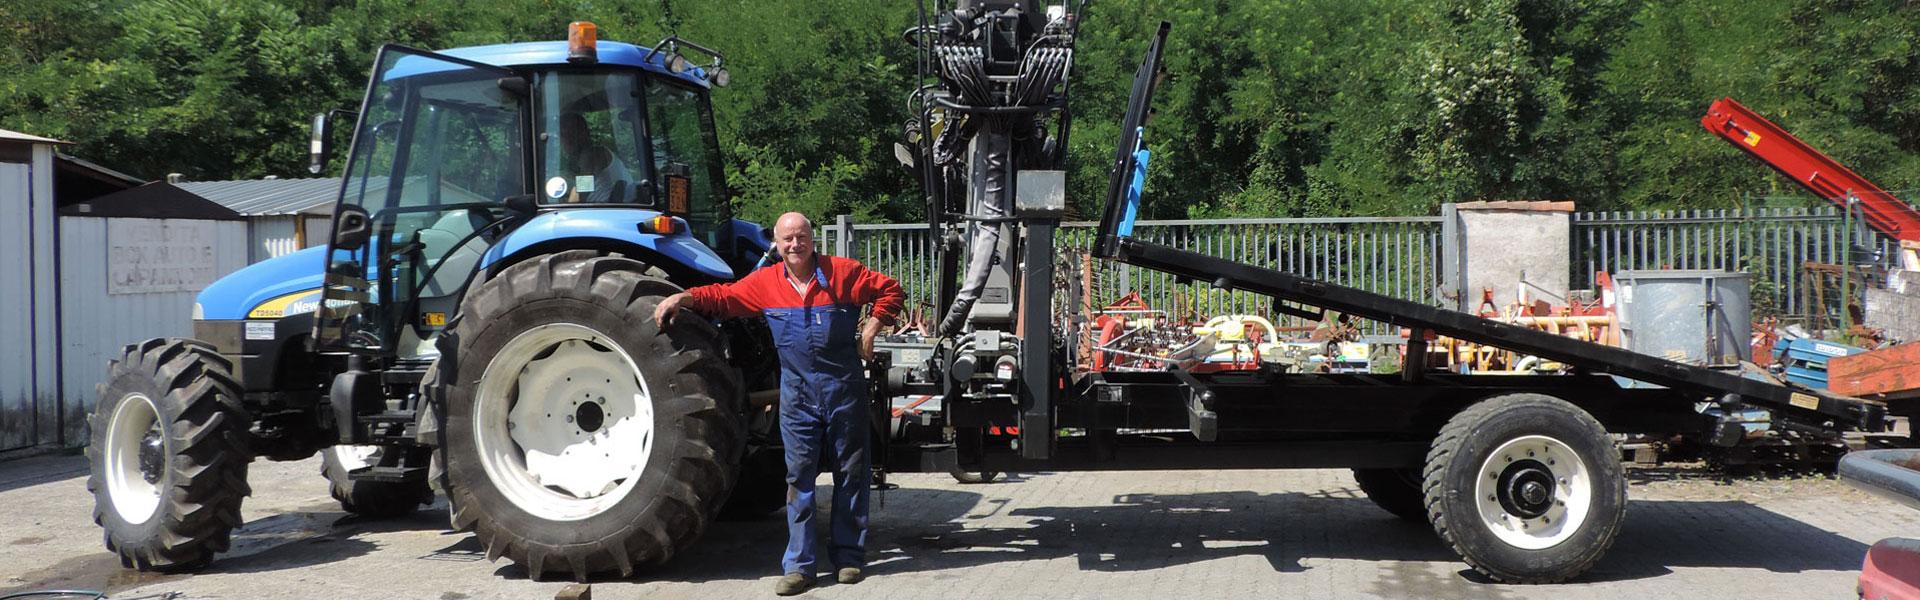 02-officina-riparazioni-ricci-trattori